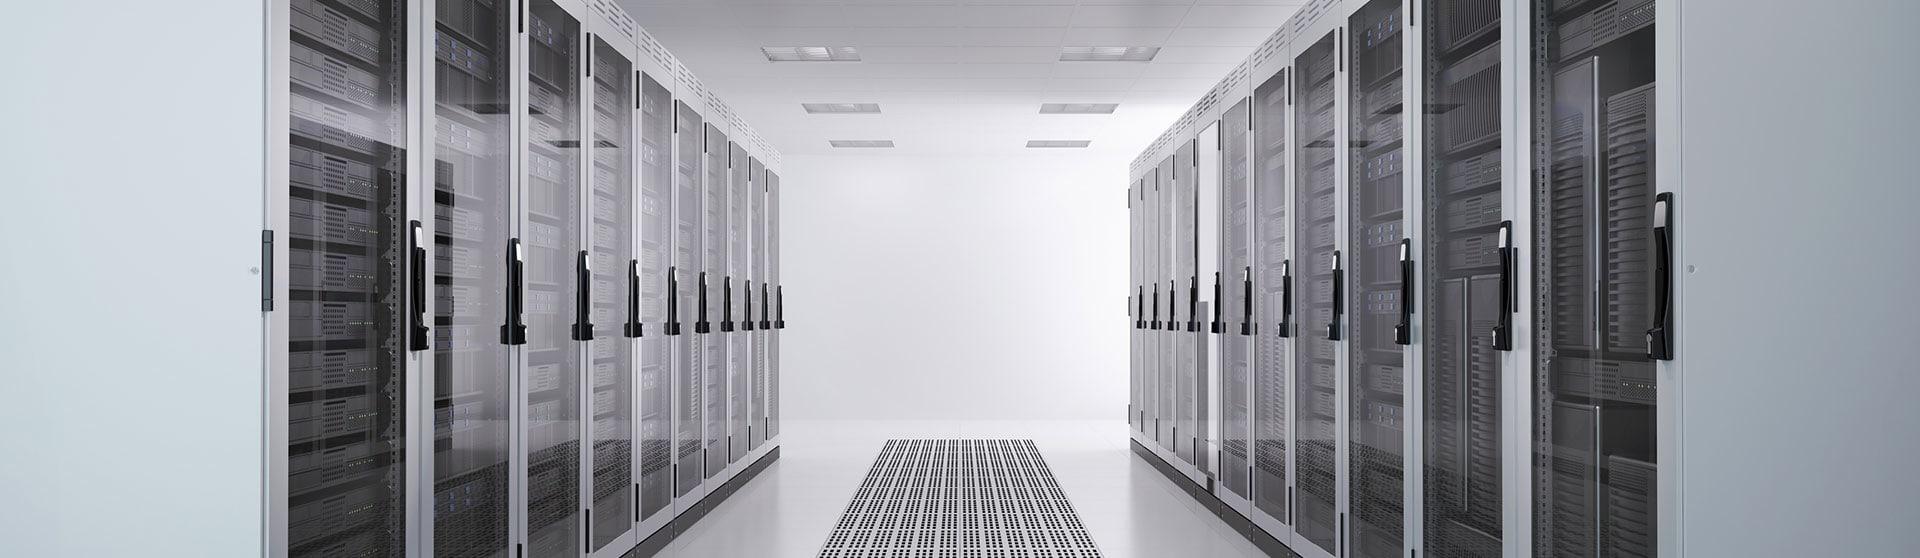 hosting-netzwerk-datenmanagement